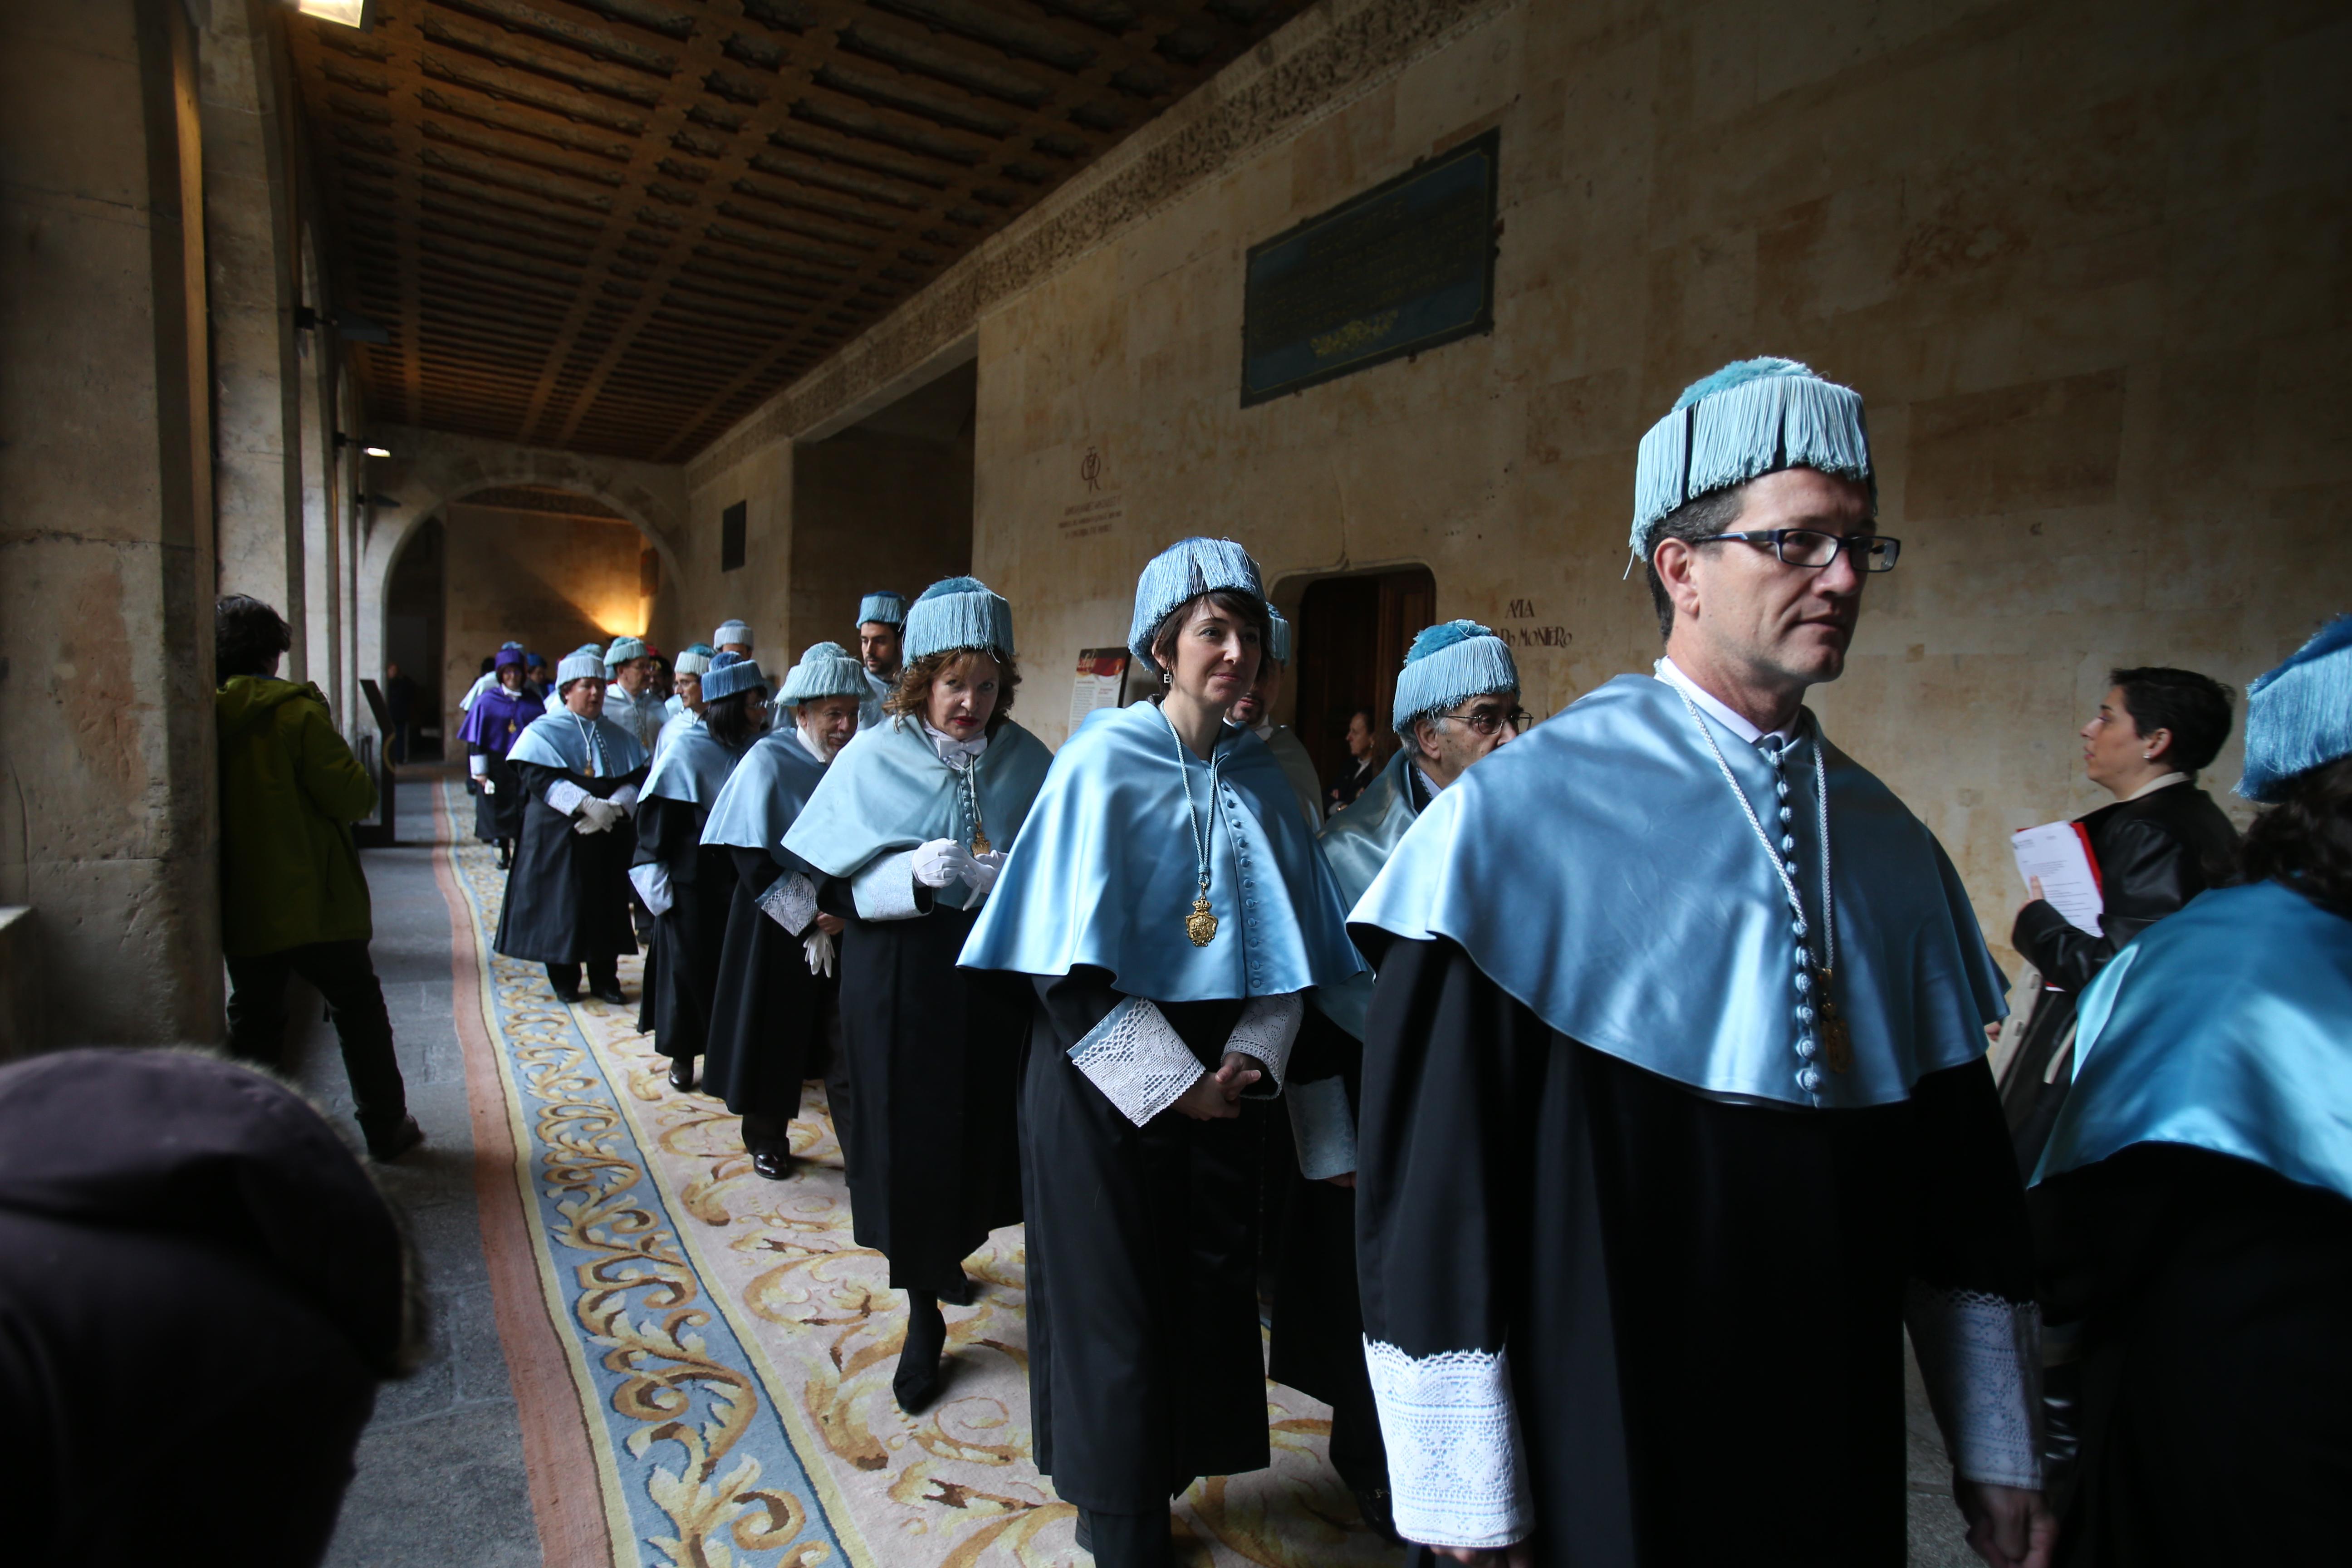 Plácido Domingo reivindica la presencia de la música en todos los niveles de la Educación al recibir el doctorado honoris causa por la Universidad de Salamanca